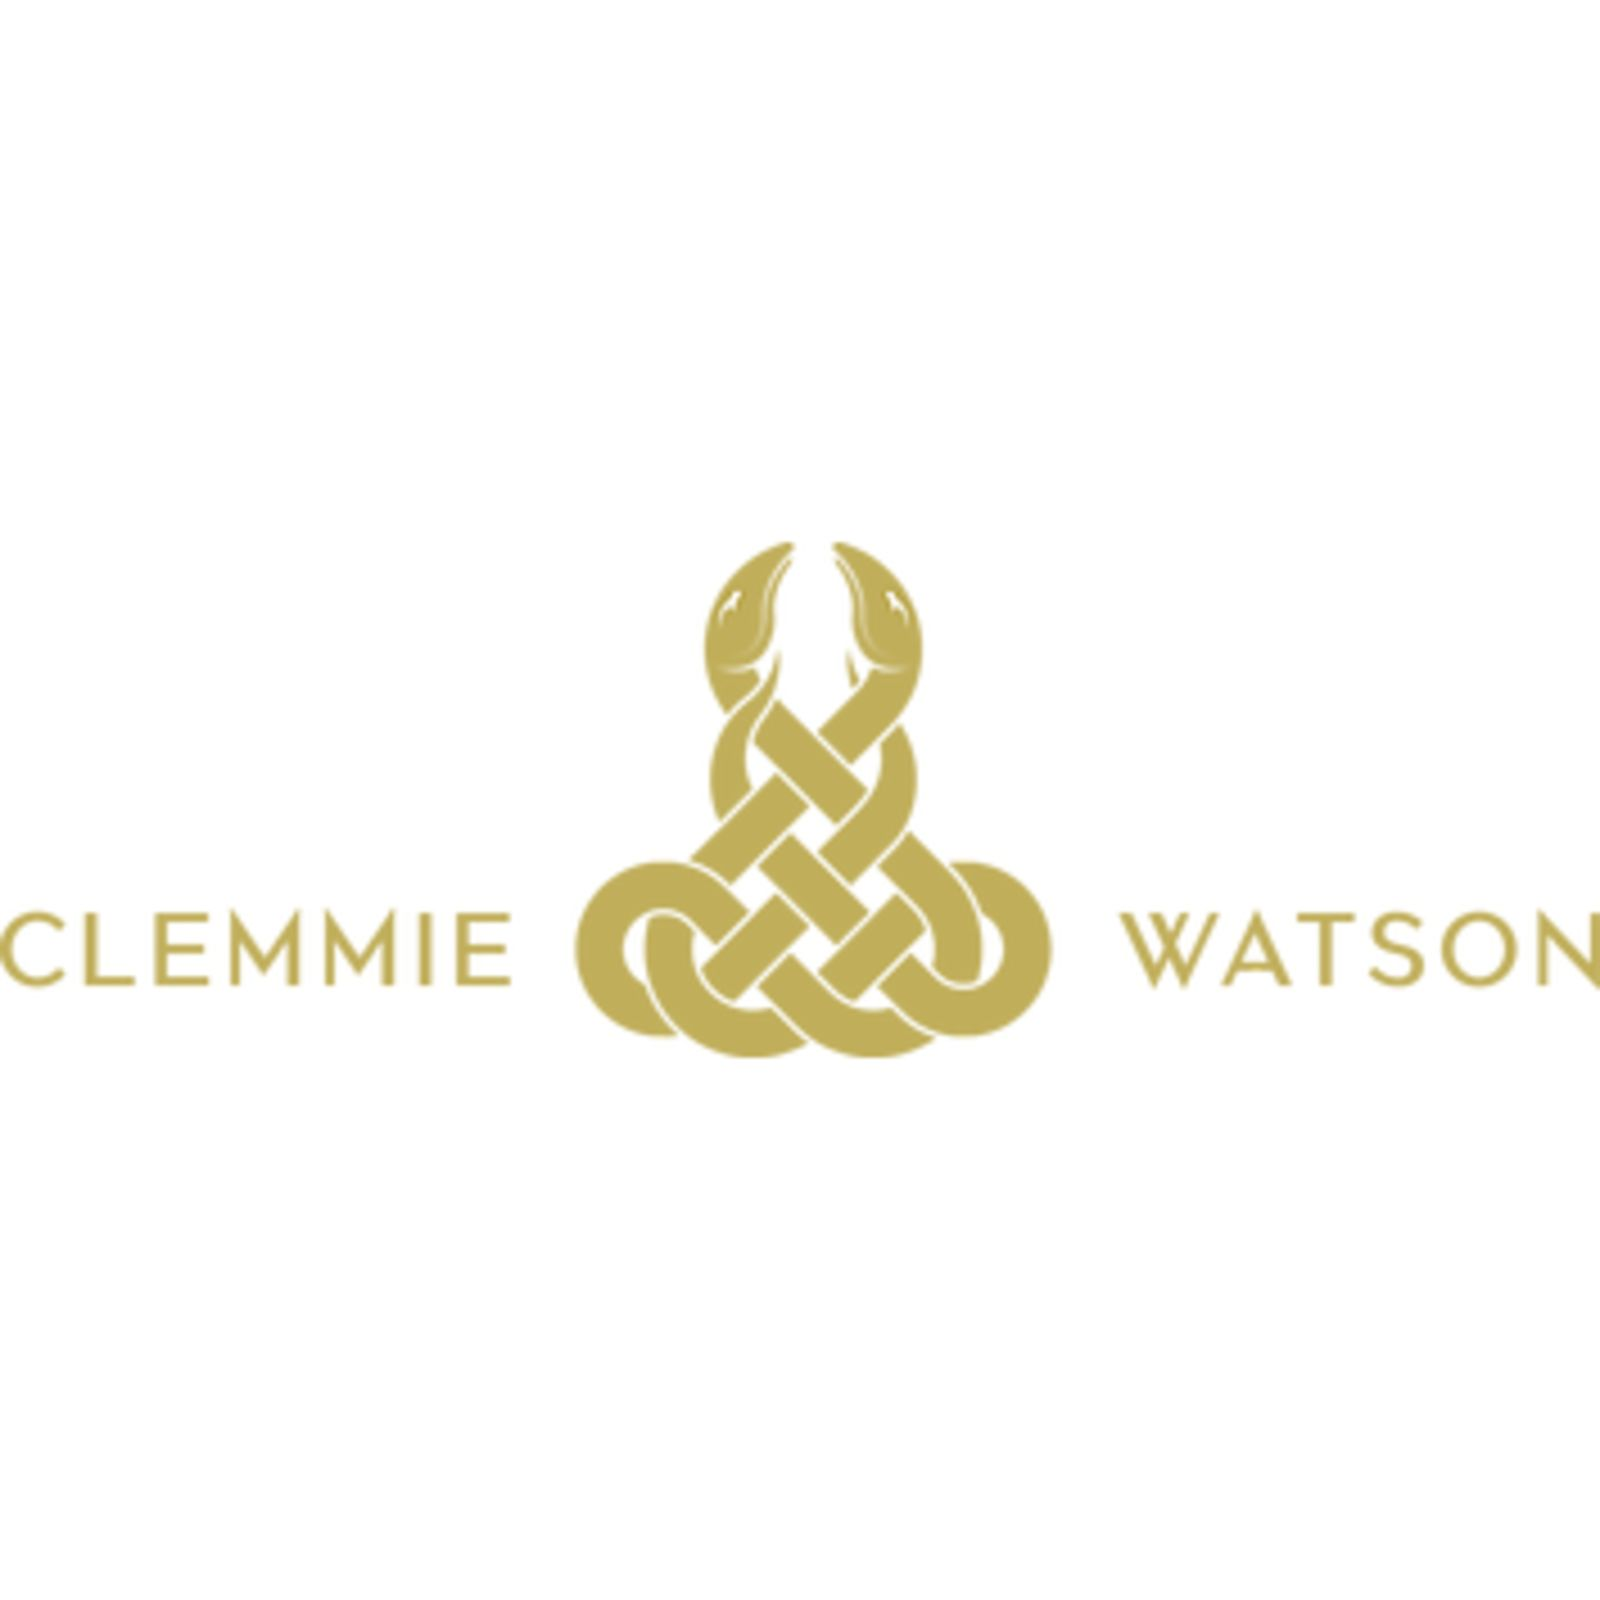 CLEMMIE WATSON